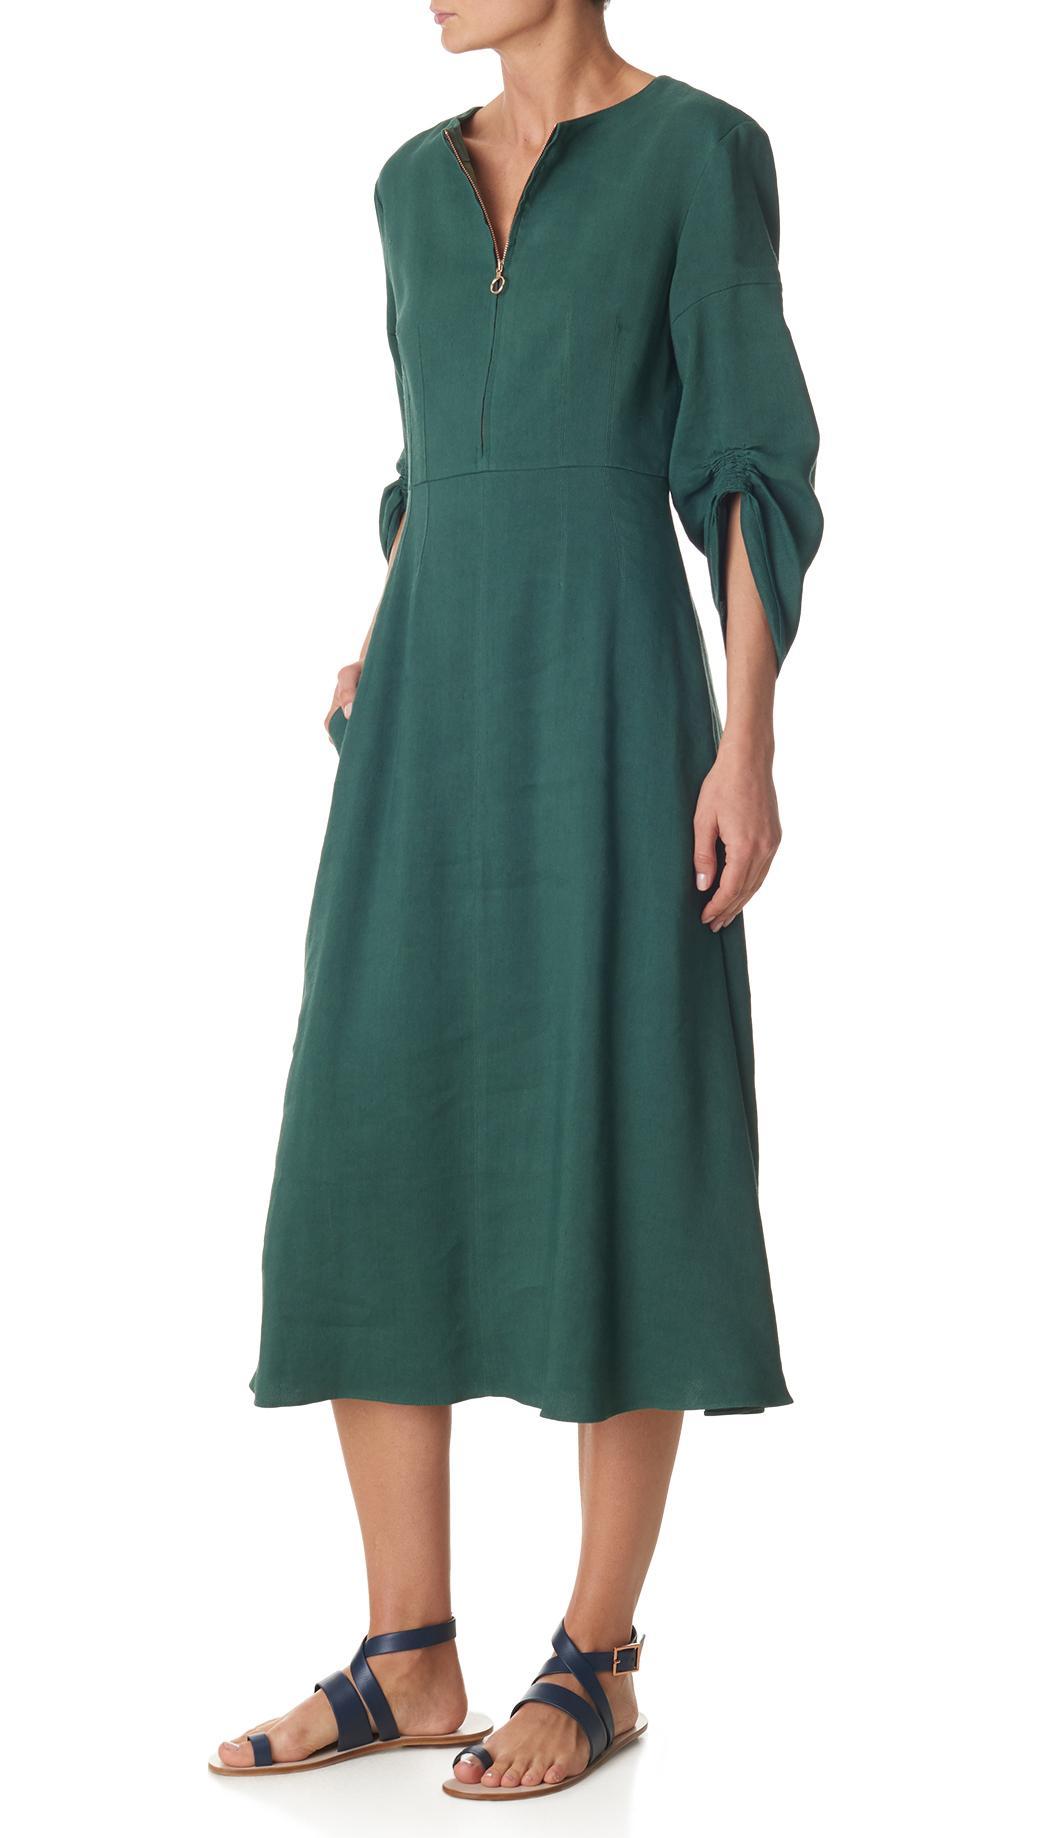 1137488474 Lyst - Tibi Marta Linen Dress in Green